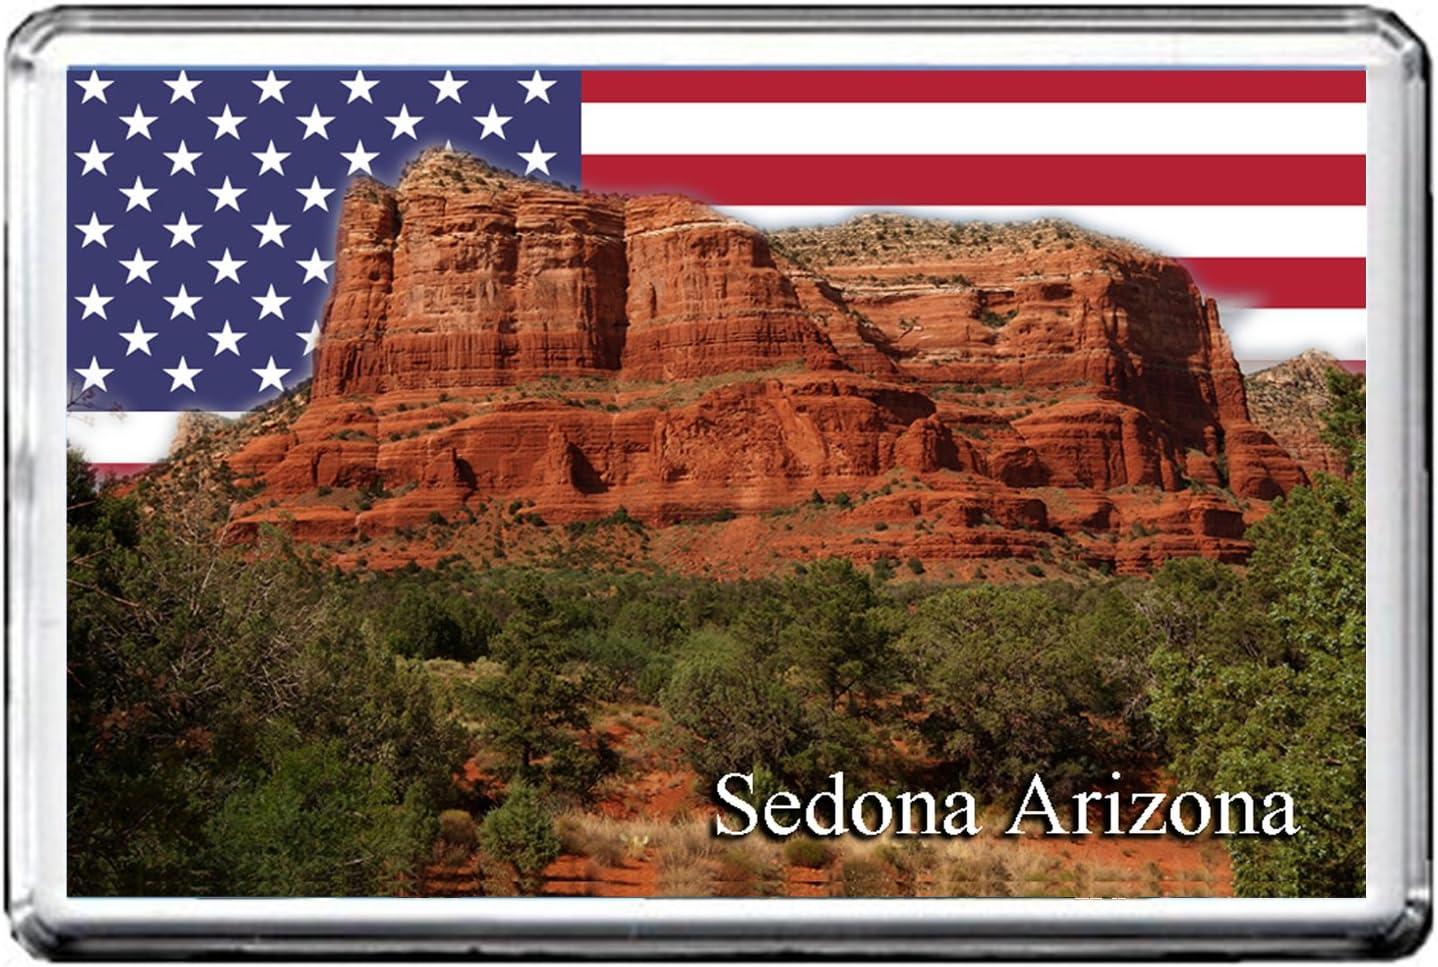 GIFTSCITY SEDONA, ARIZONA FRIDGE MAGNET THE CITY OF UNITED STATES REFRIGERATOR MAGNET